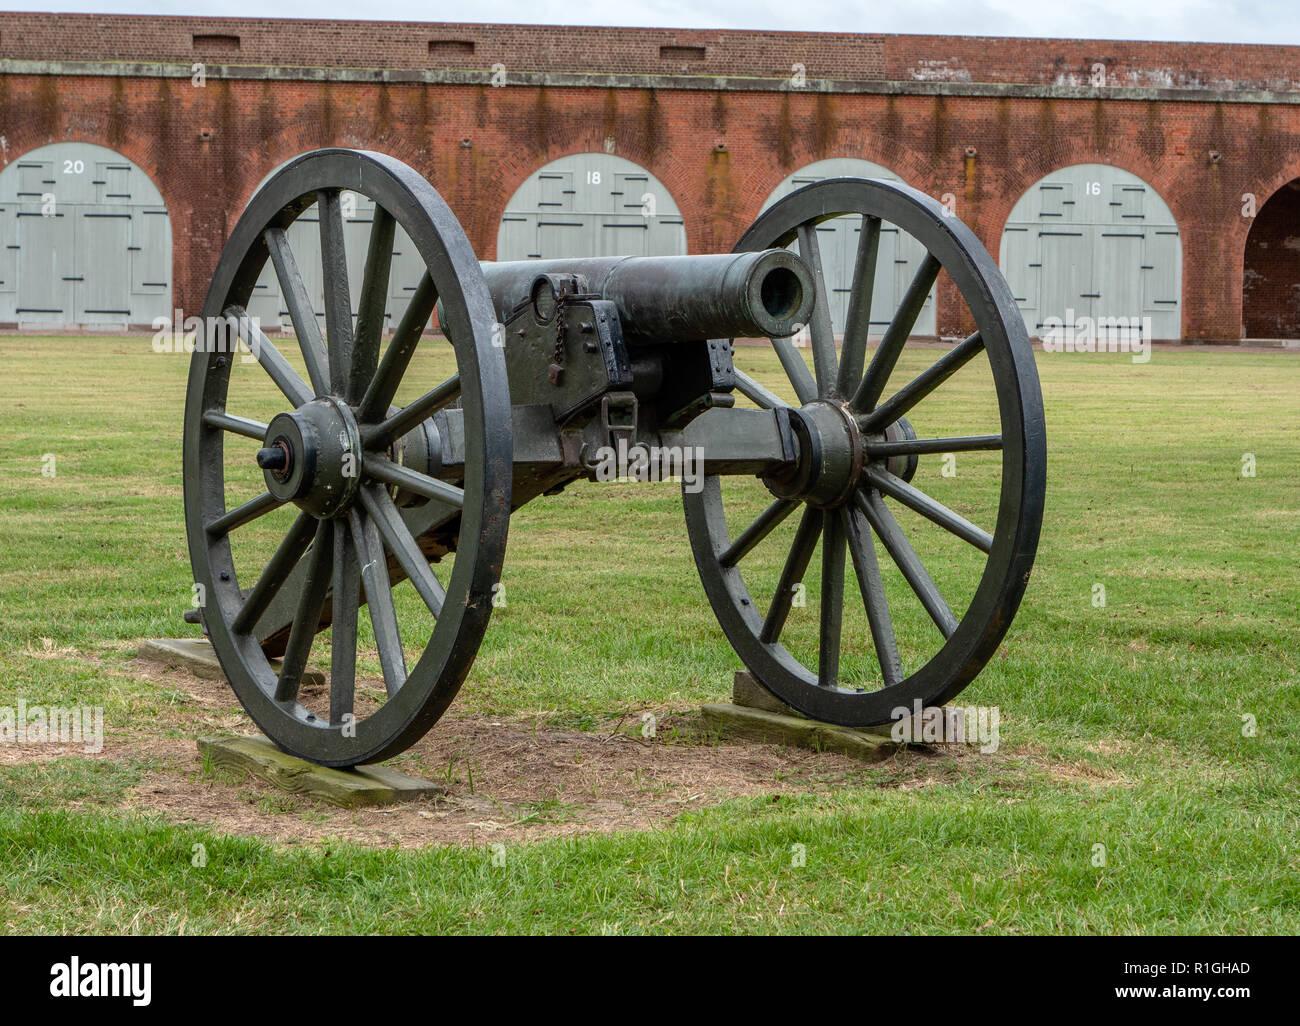 Cannon en champ fort Pulaski National Monument garde la Savannah en Géorgie AUX ETATS UNIS Photo Stock